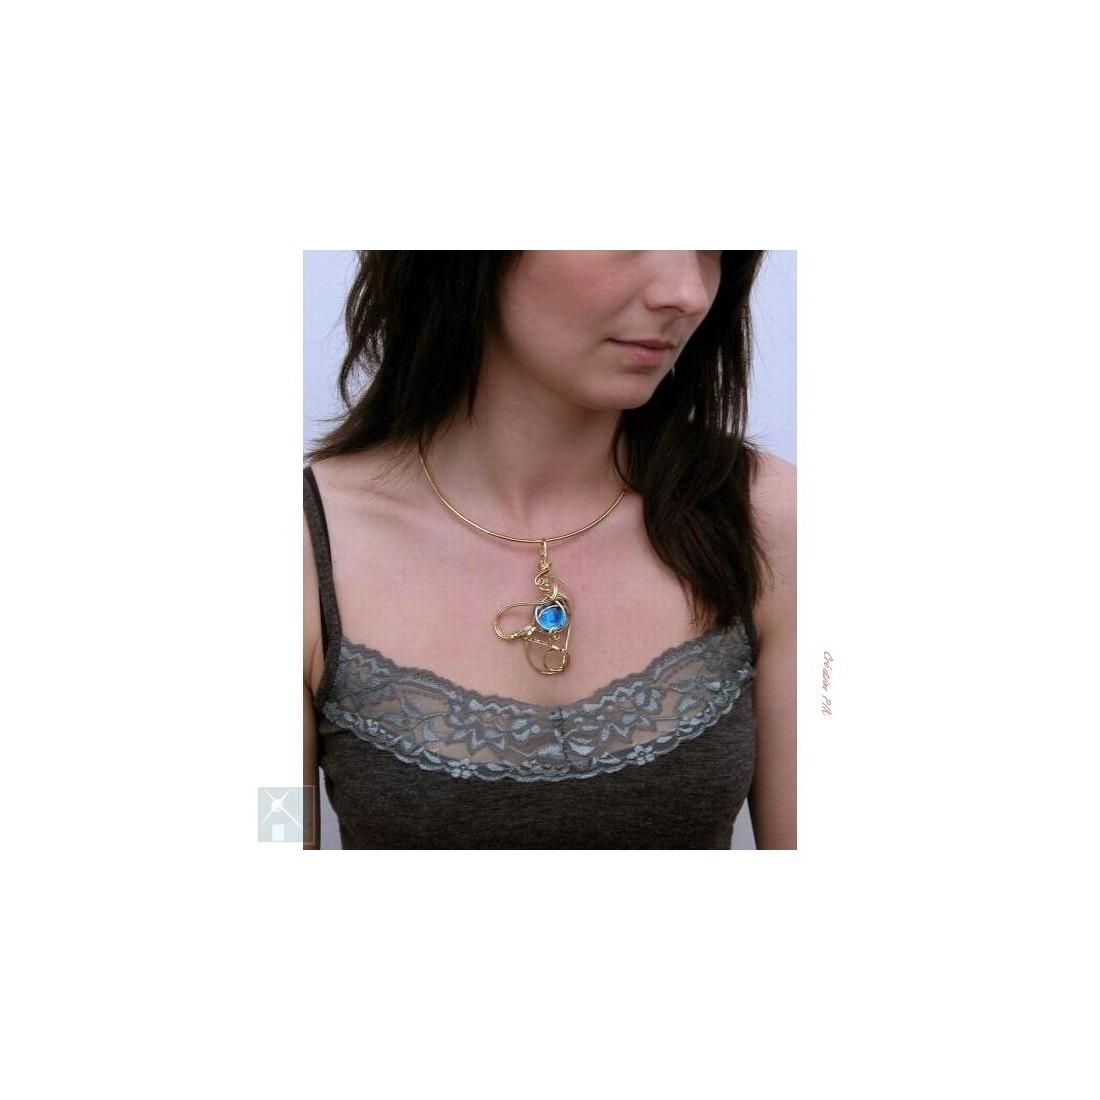 Collier artisanal, bijou or et bleu clair, qualité française